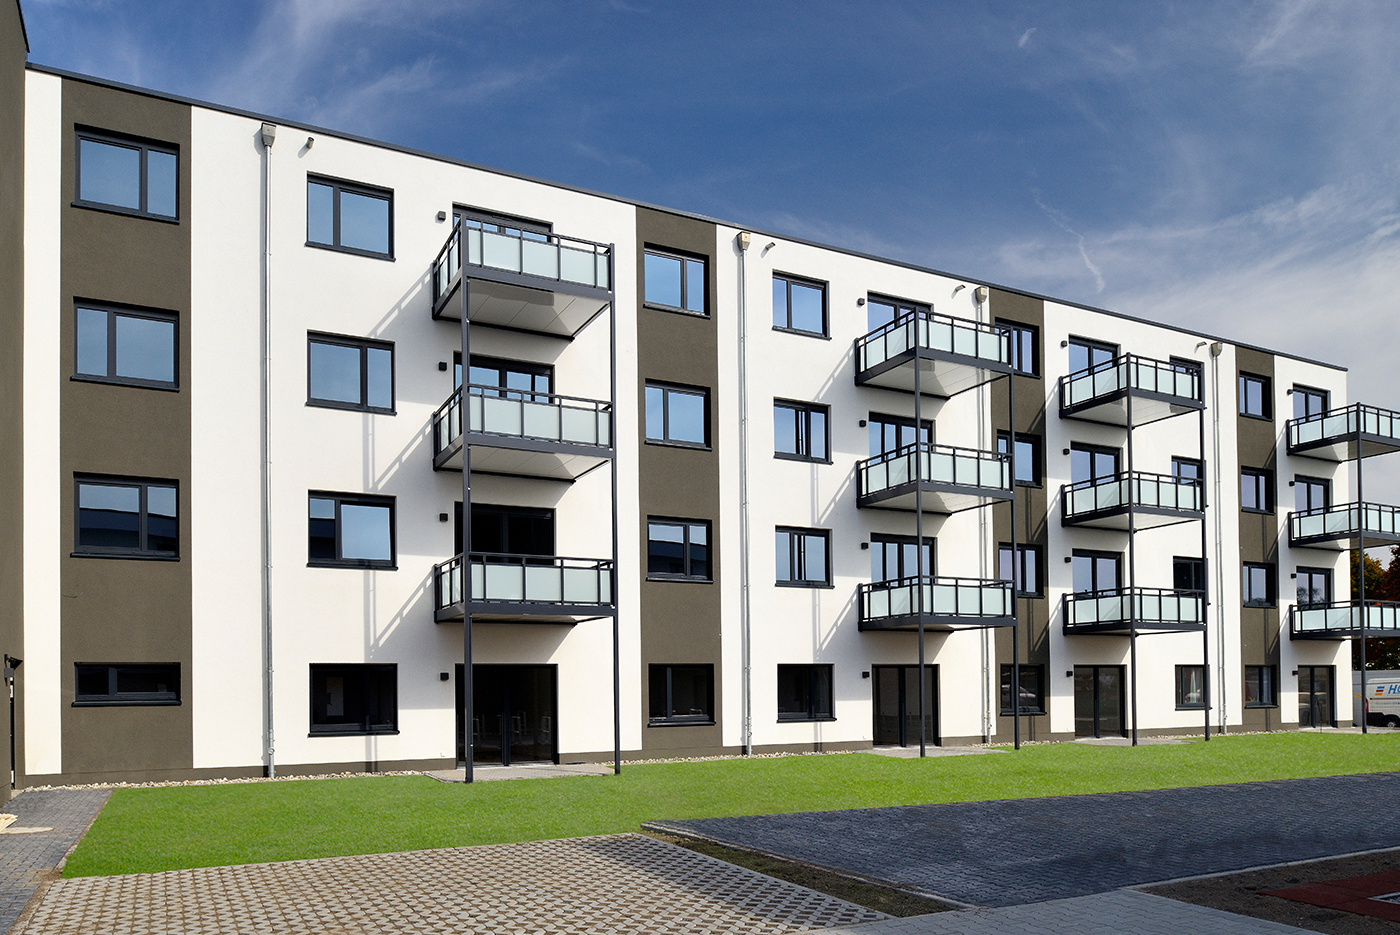 Neubau Wohngebäude Vonovia Wiesbaden Alho Systembau